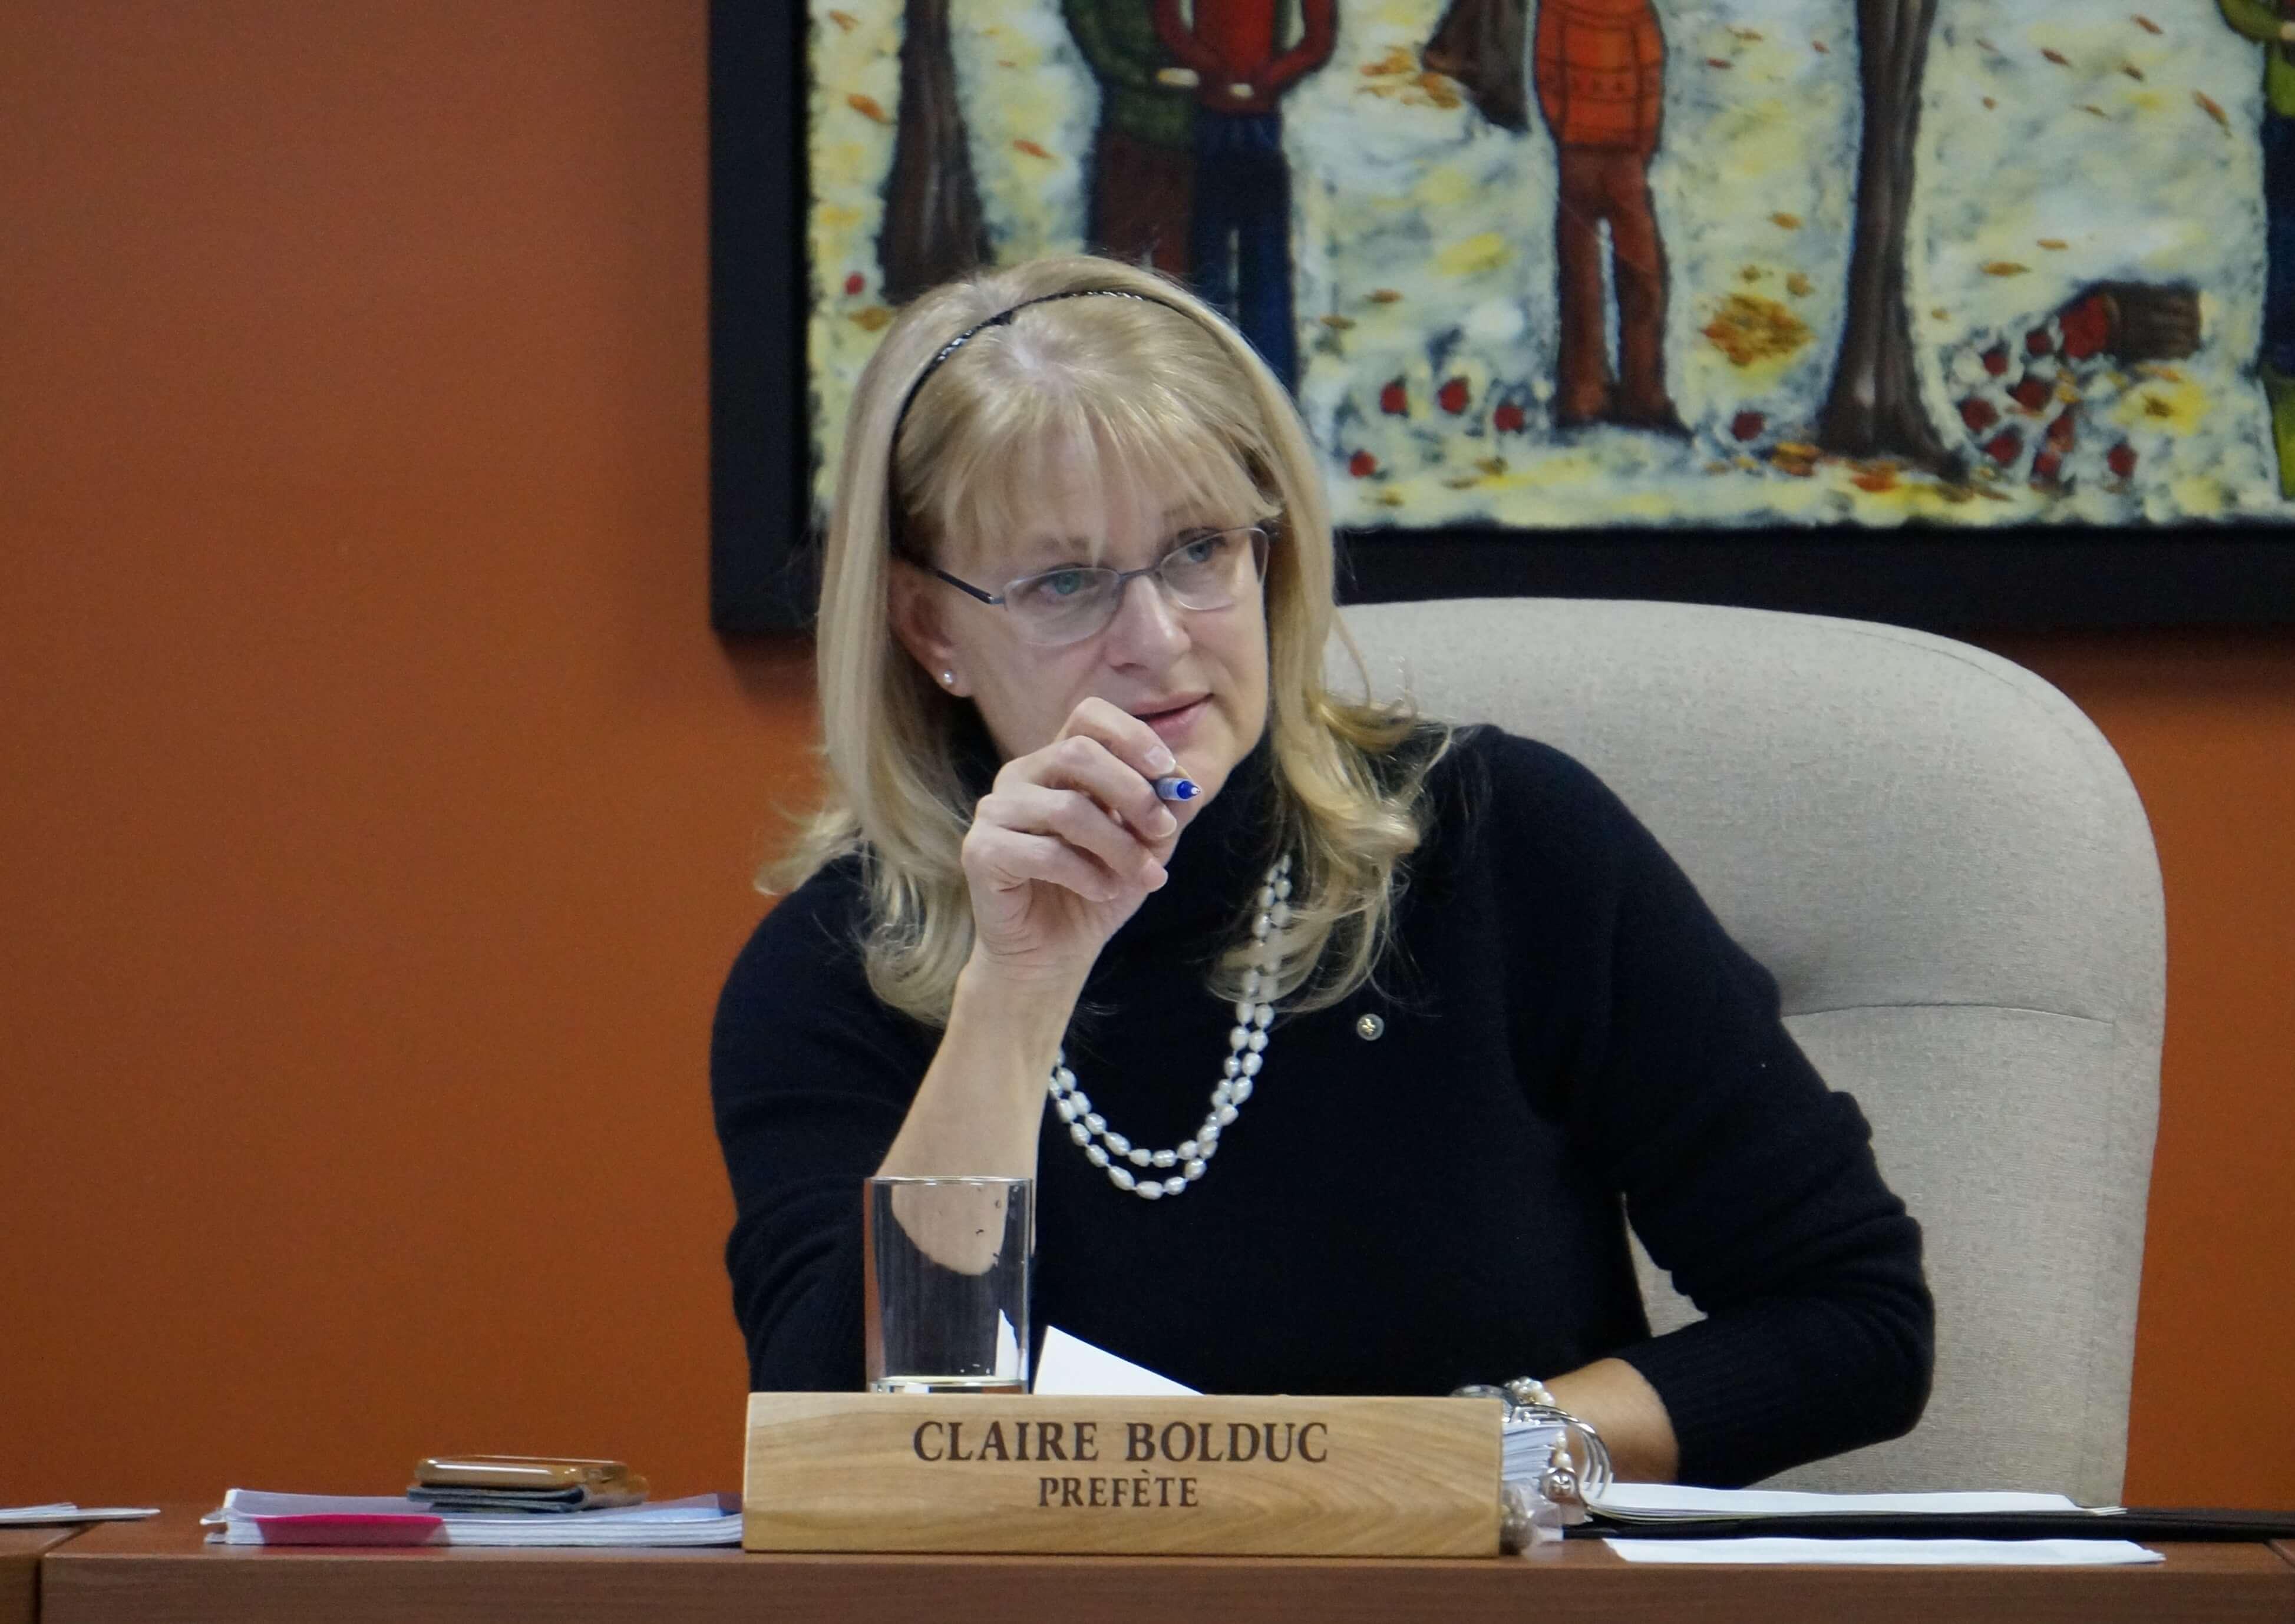 Claire Bolduc